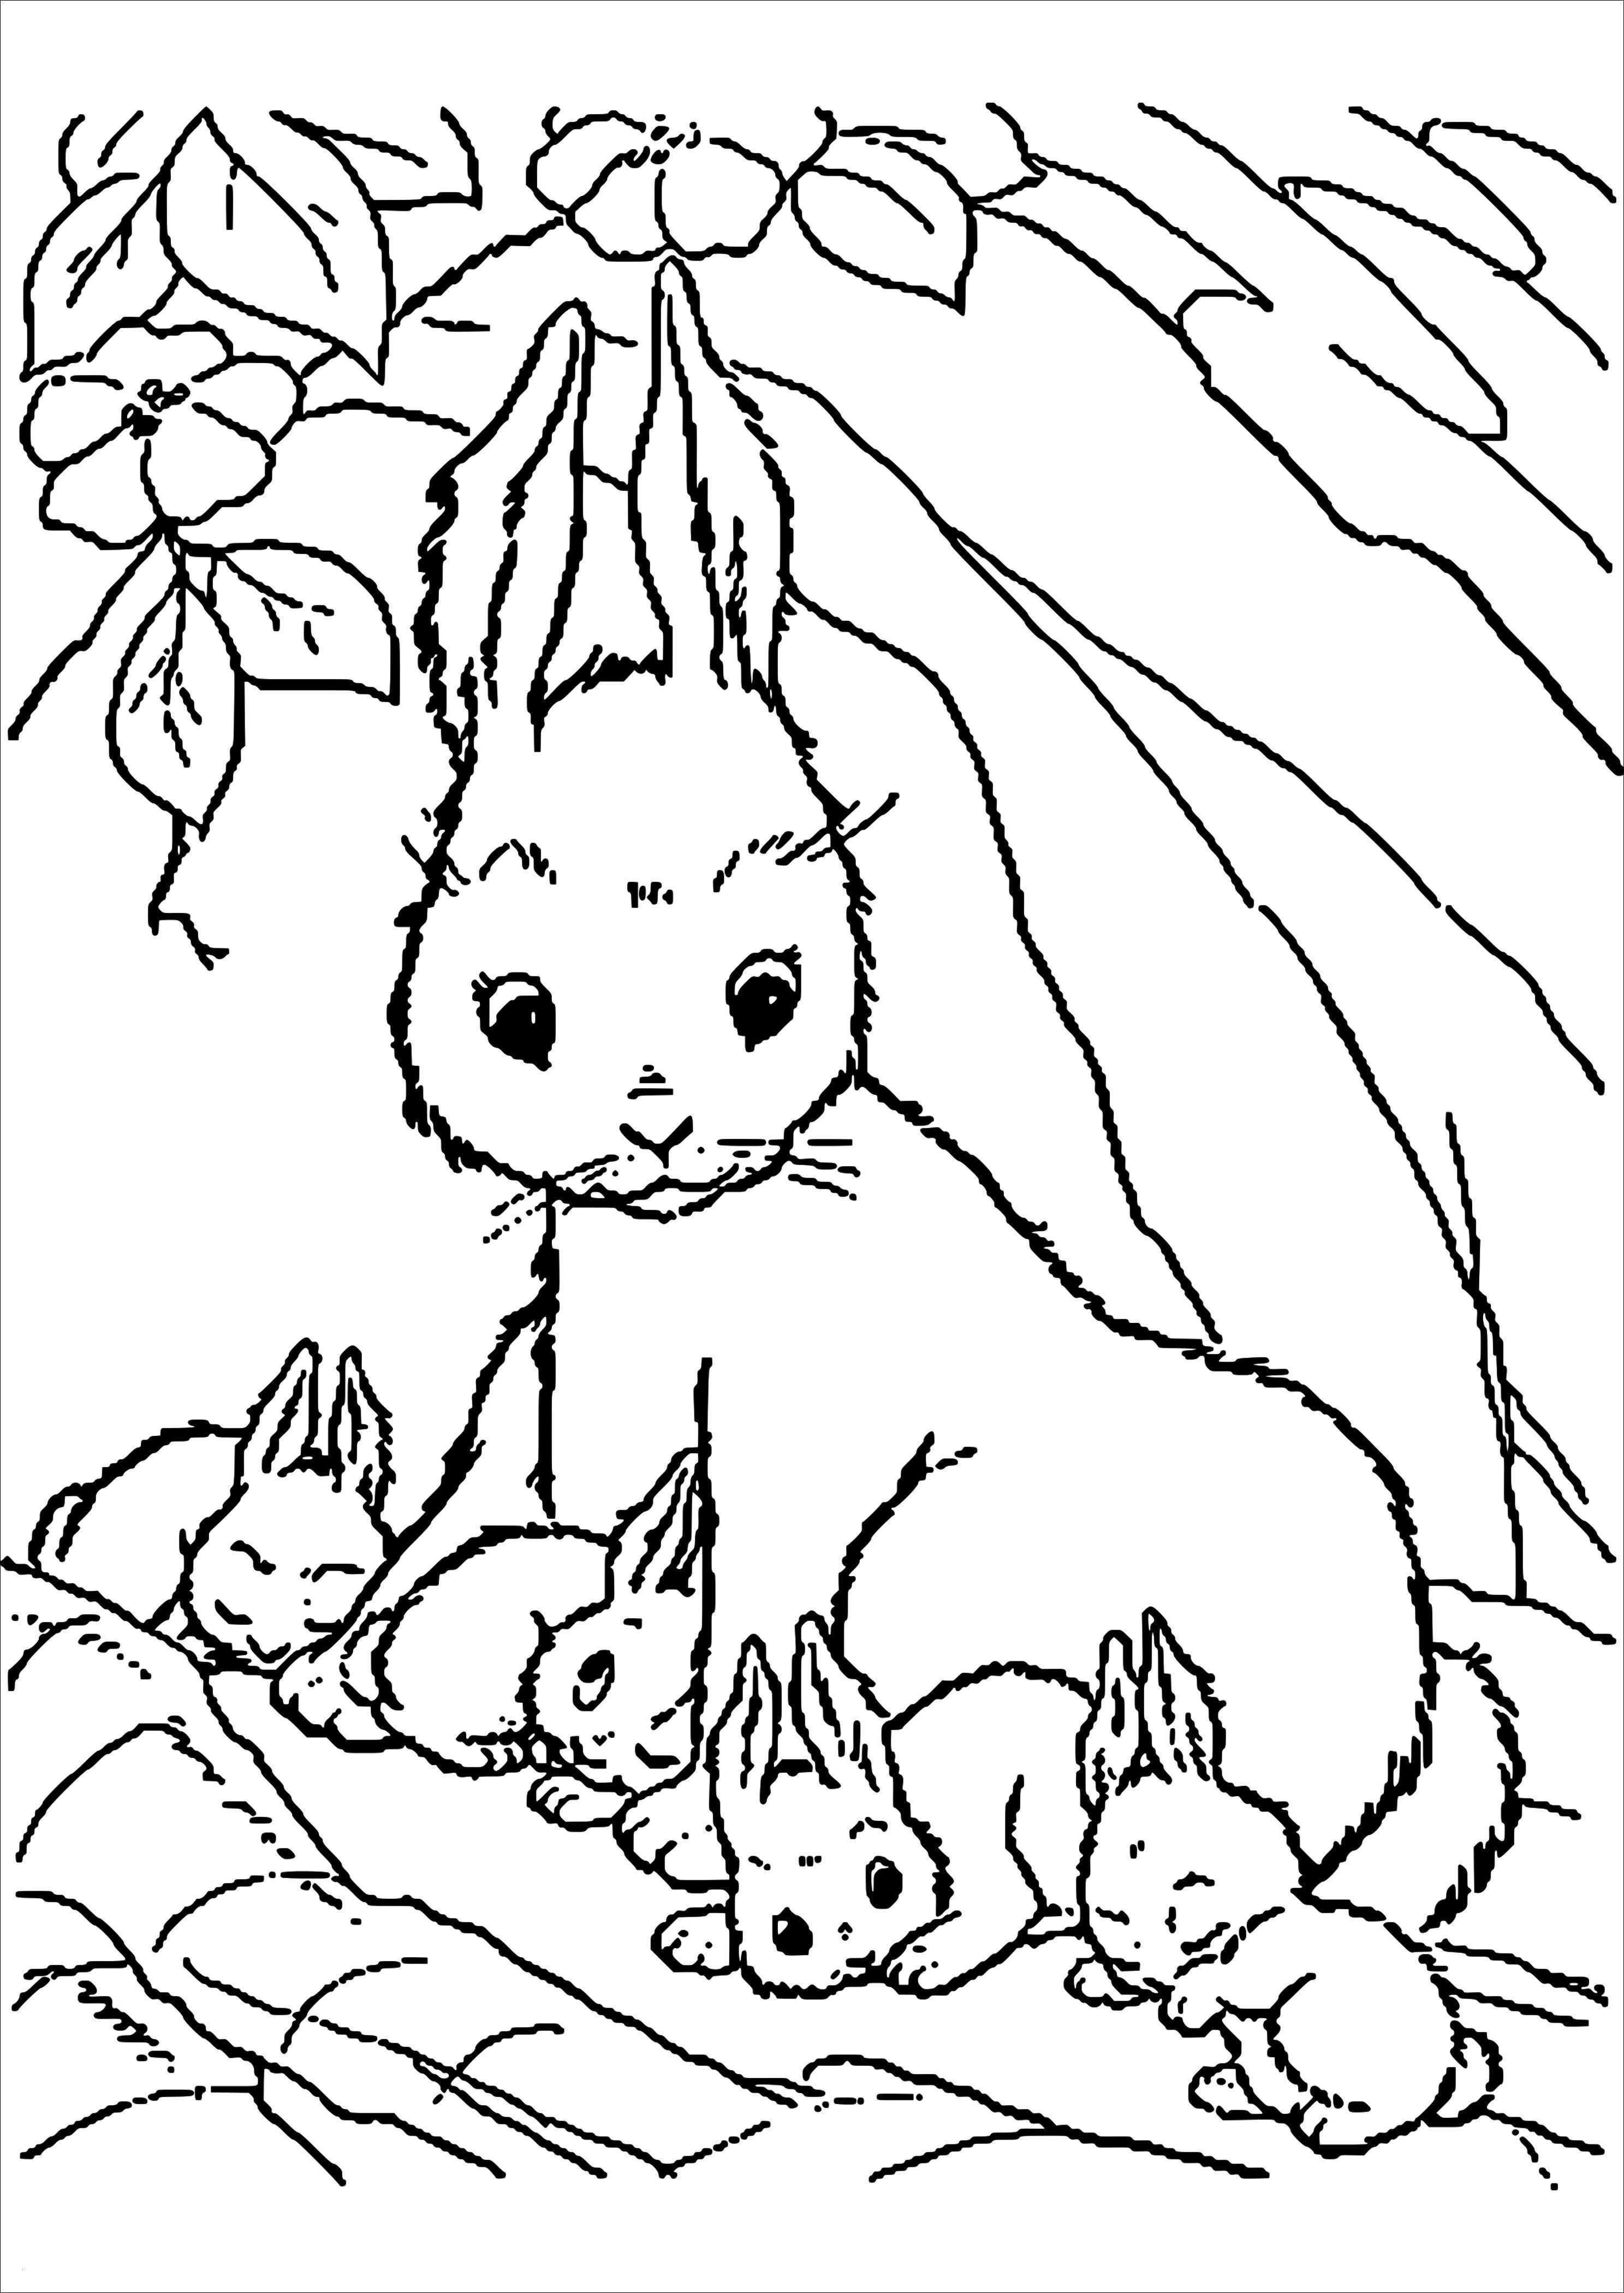 Hase Malen Vorlage Einzigartig Hase Malen Vorlage Fotos Malvorlagen Igel Best Igel Grundschule 0d Sammlung